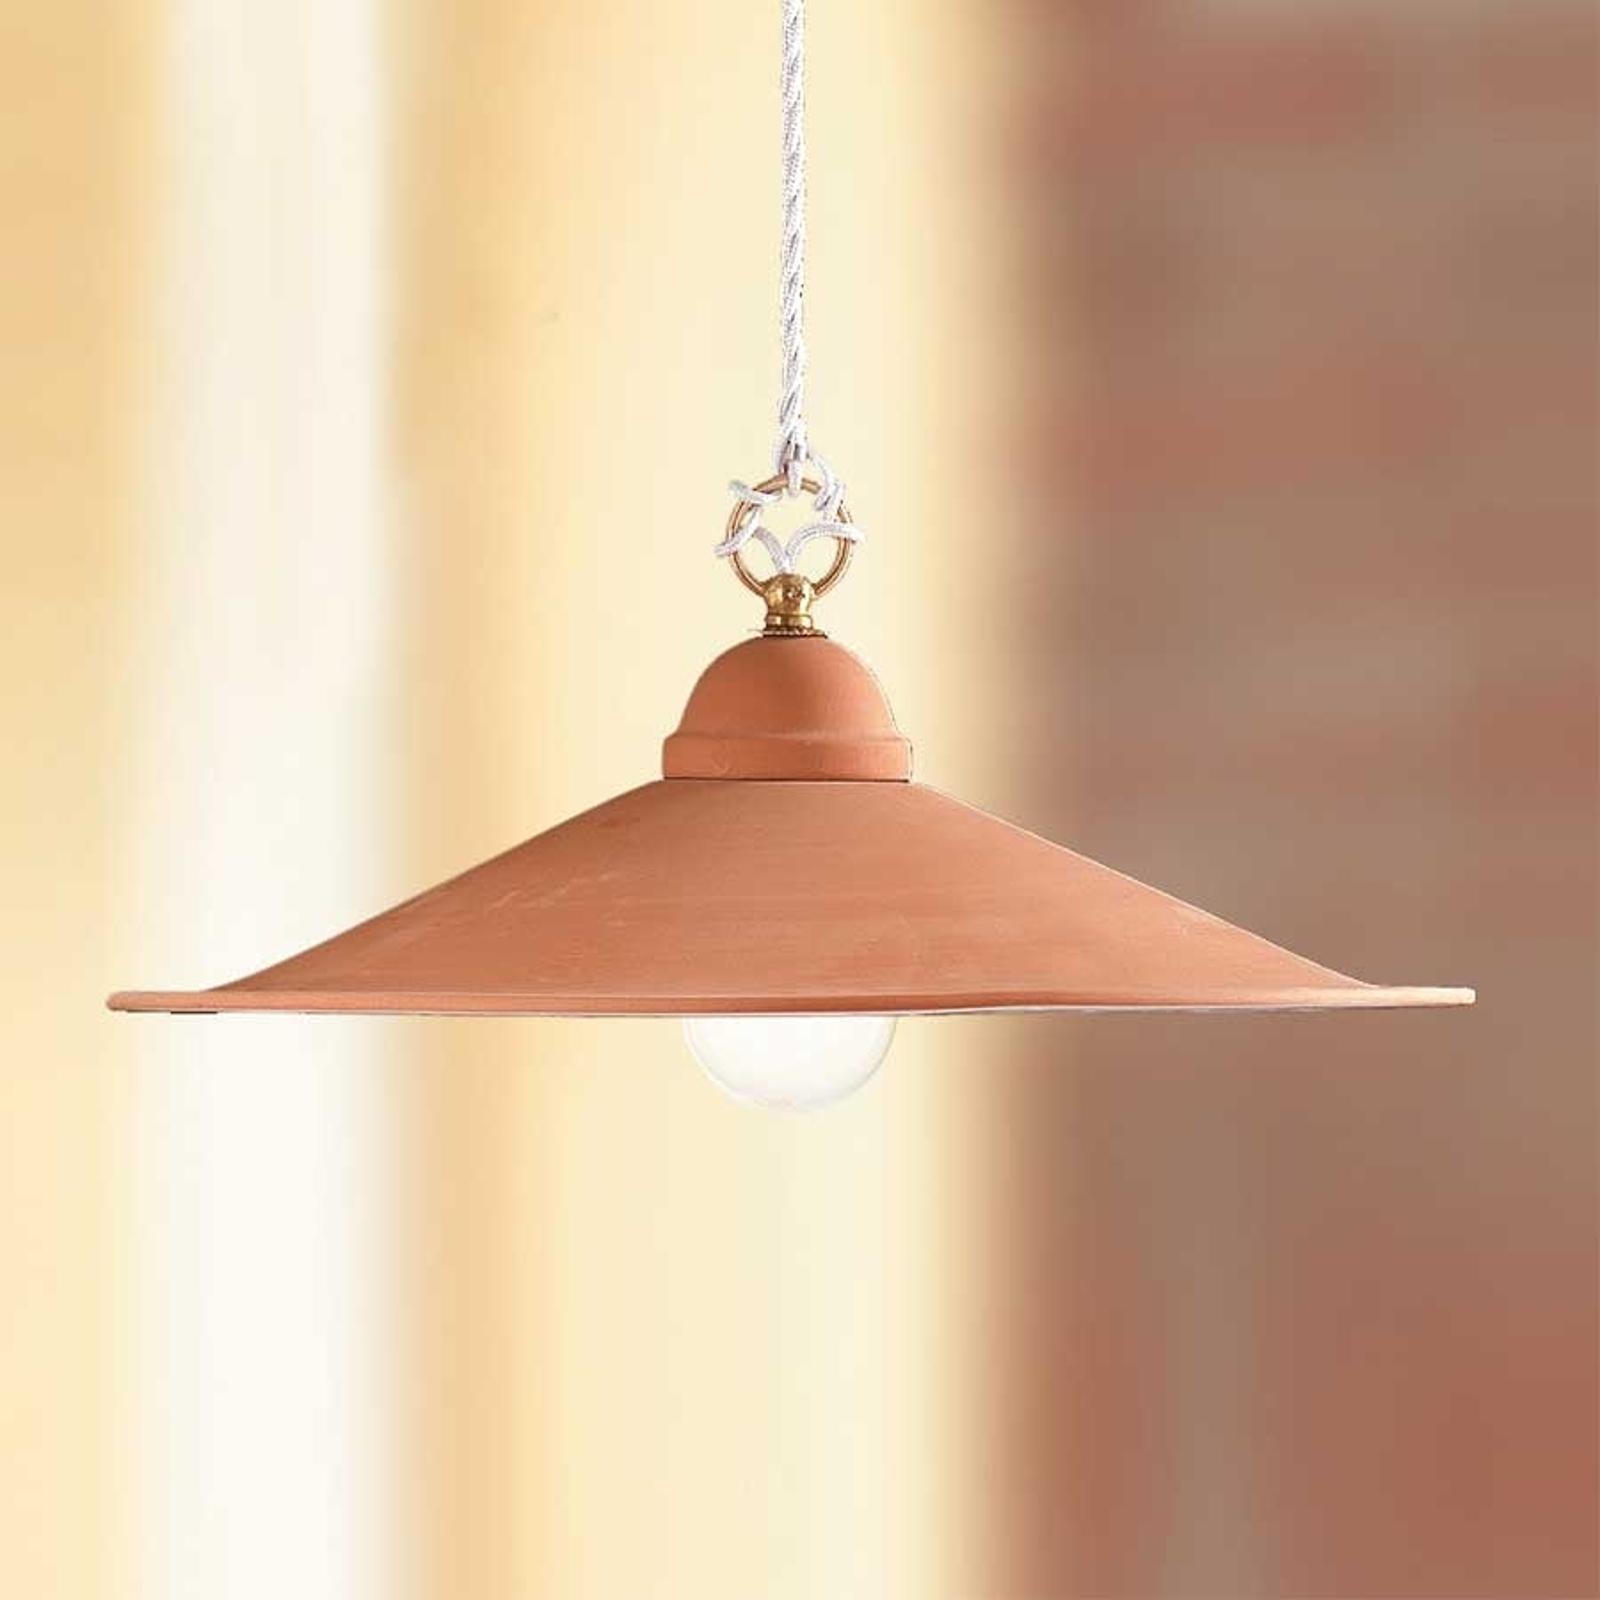 Hængelampe GIULIA med keramikskærm, 28 cm